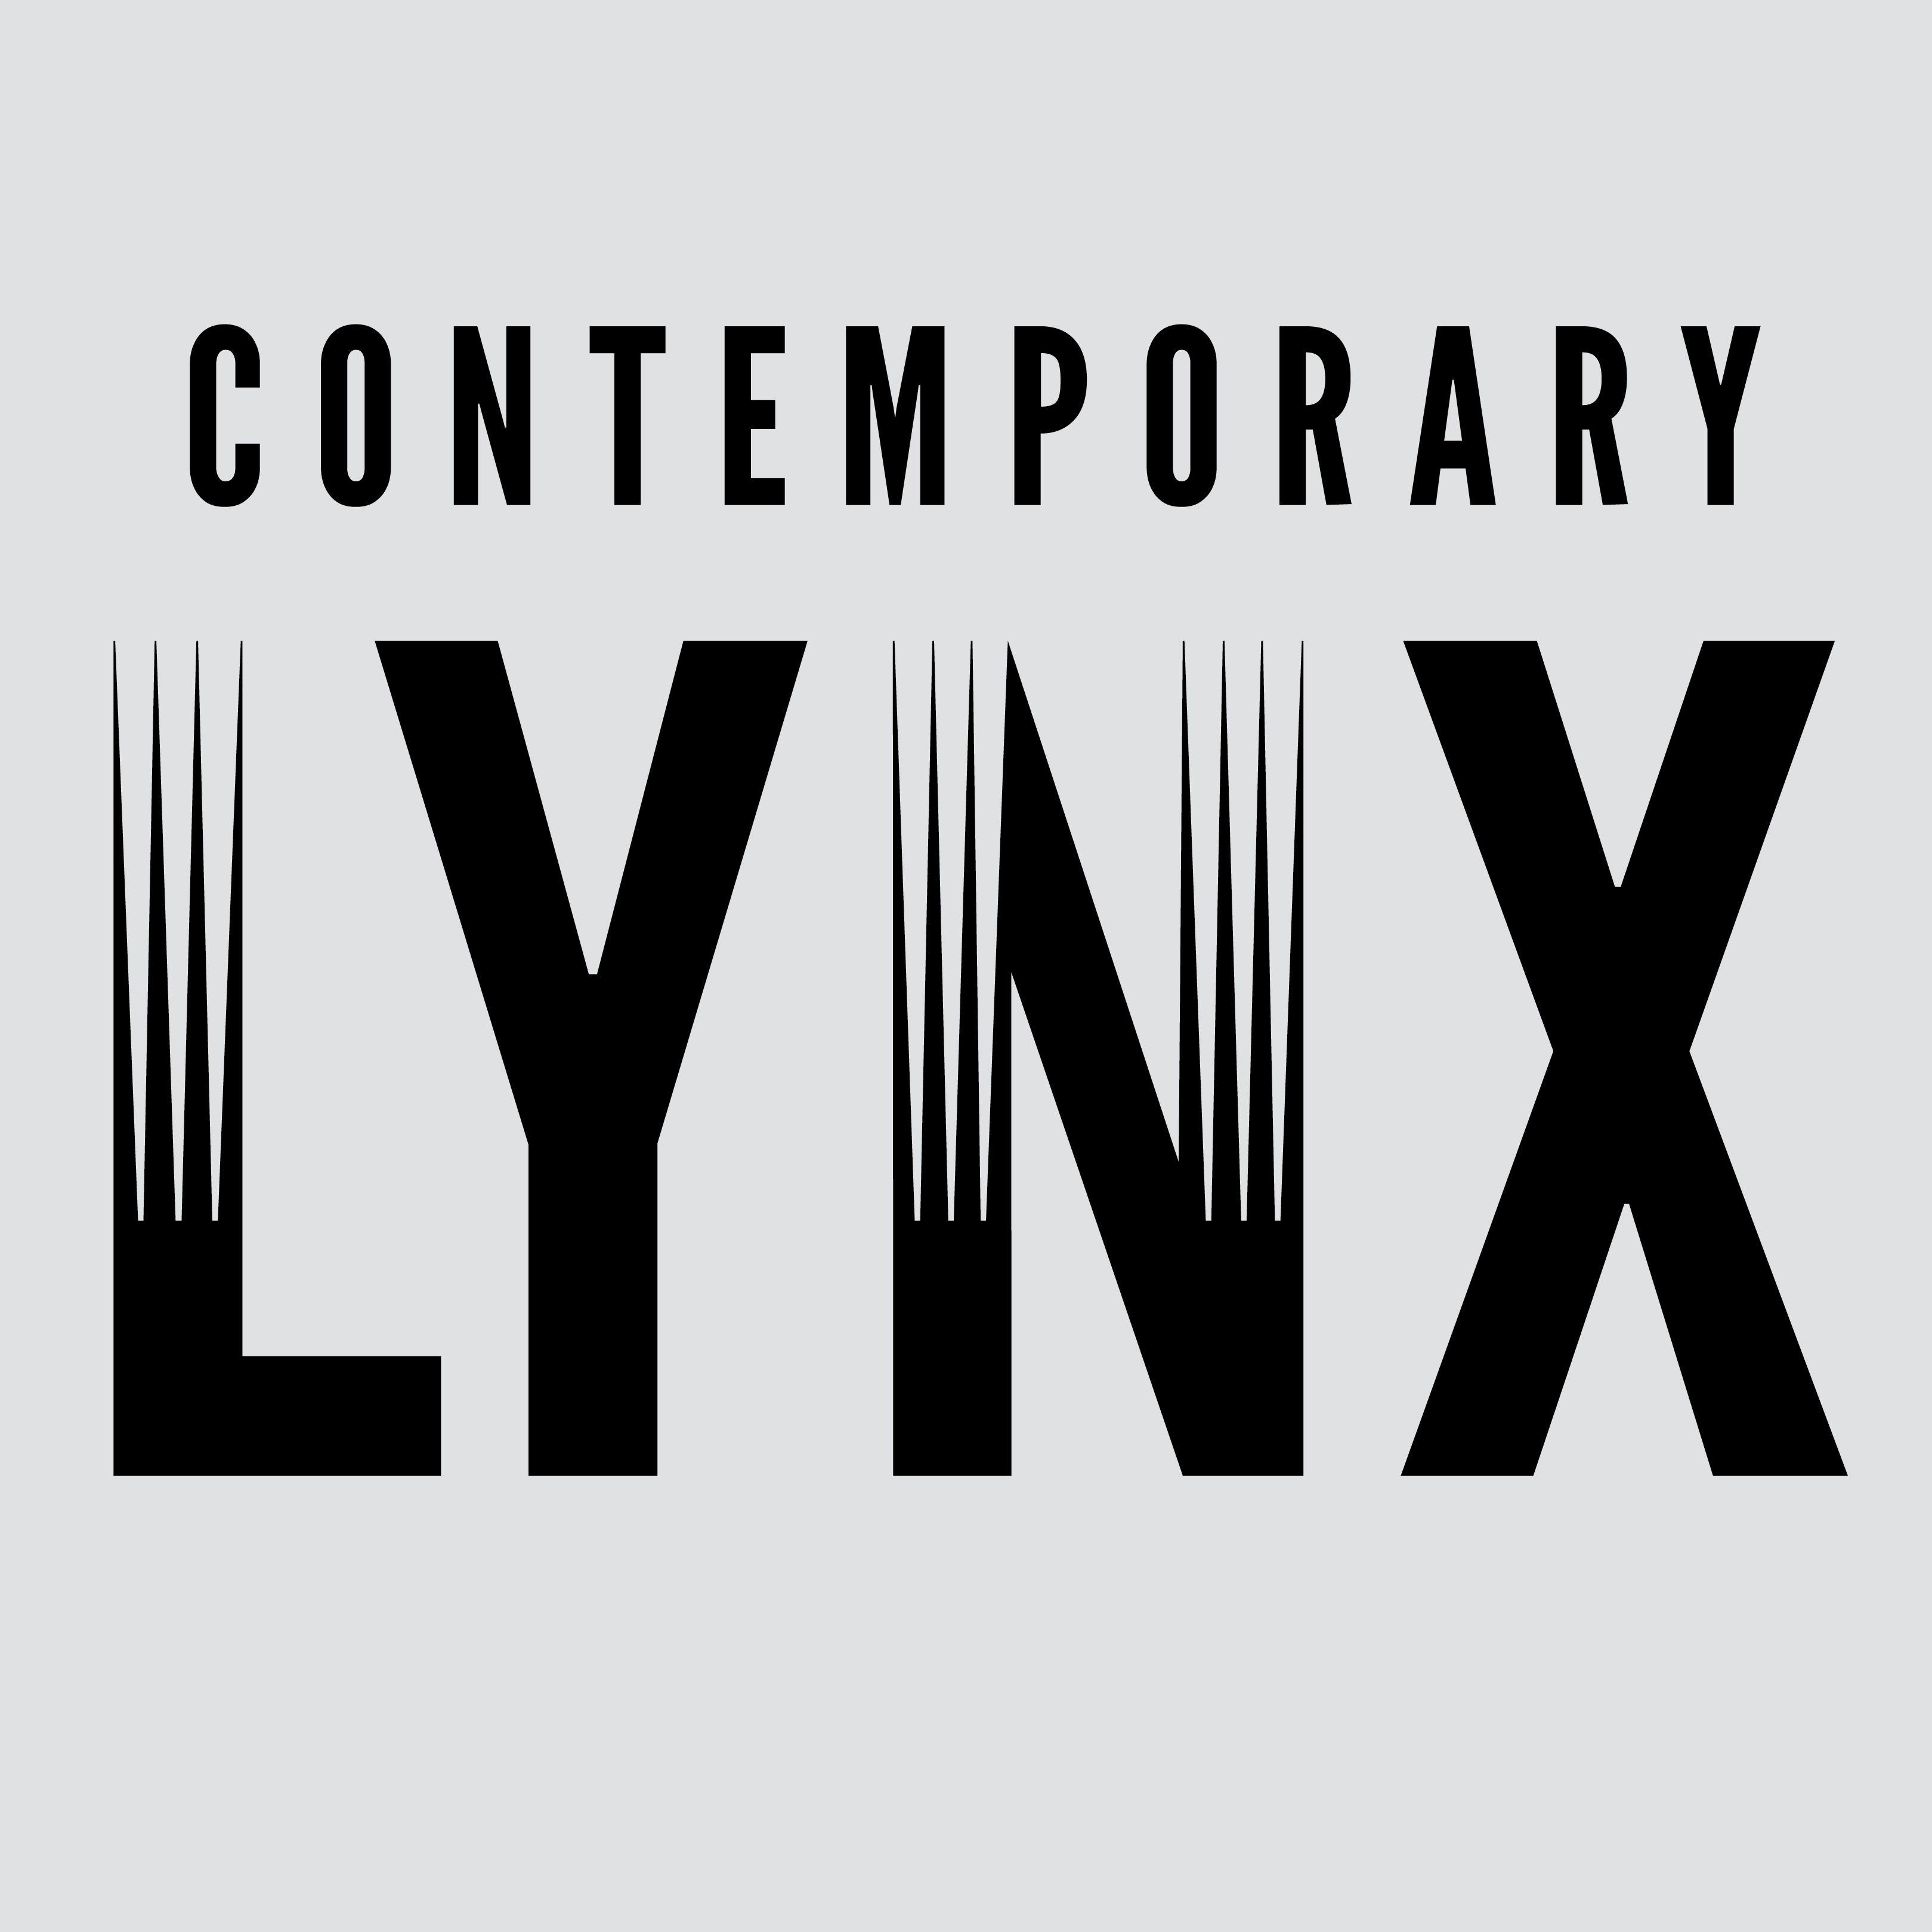 Logo Contemporary Lynx Design Pulp Studio 2012 Logos Contemporary Lynx